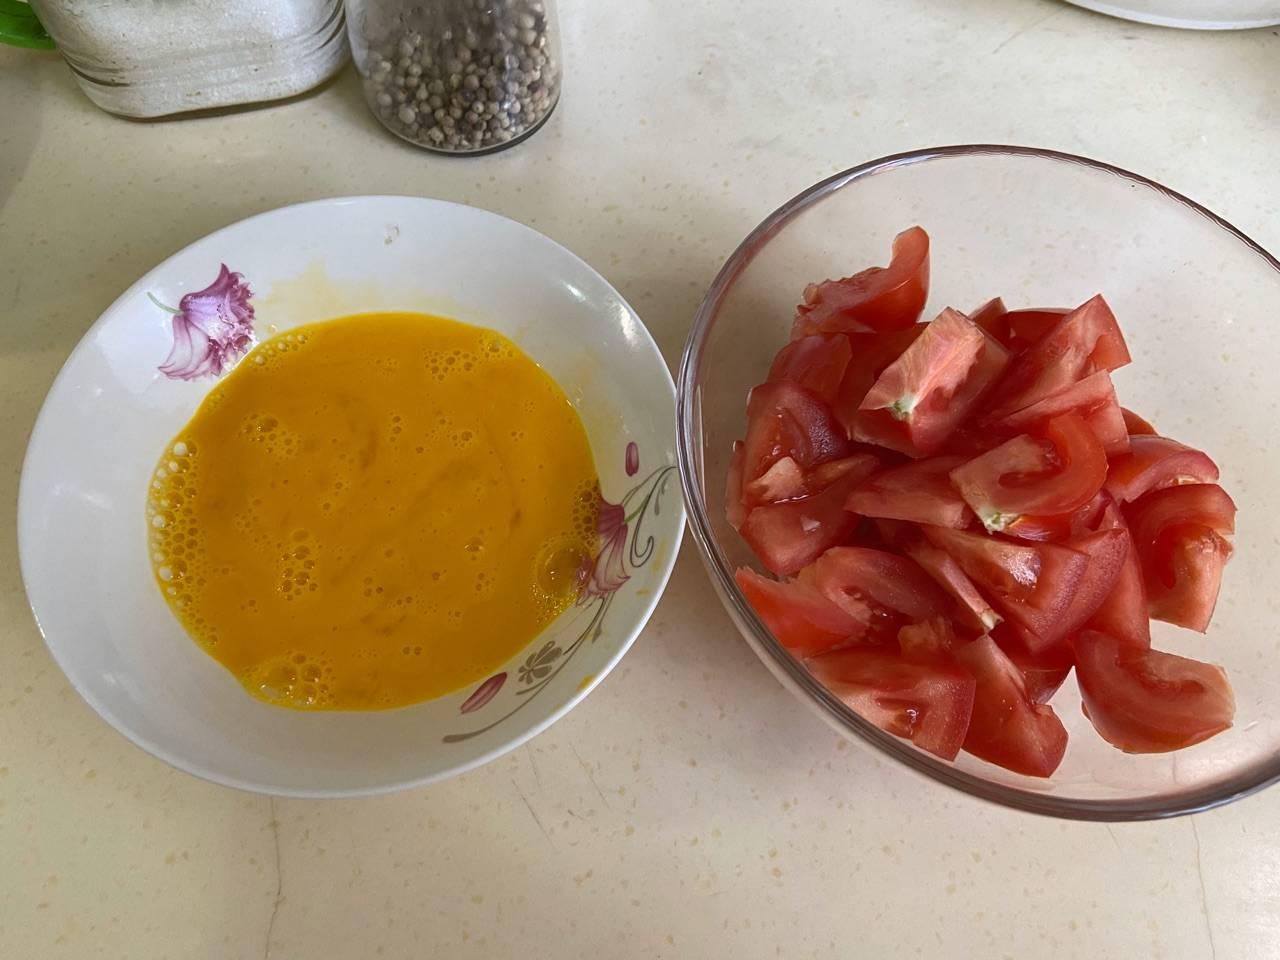 【西红柿炒鸡蛋】的做法+配方,这个汤汁汁拌饭,大人小孩都爱吃